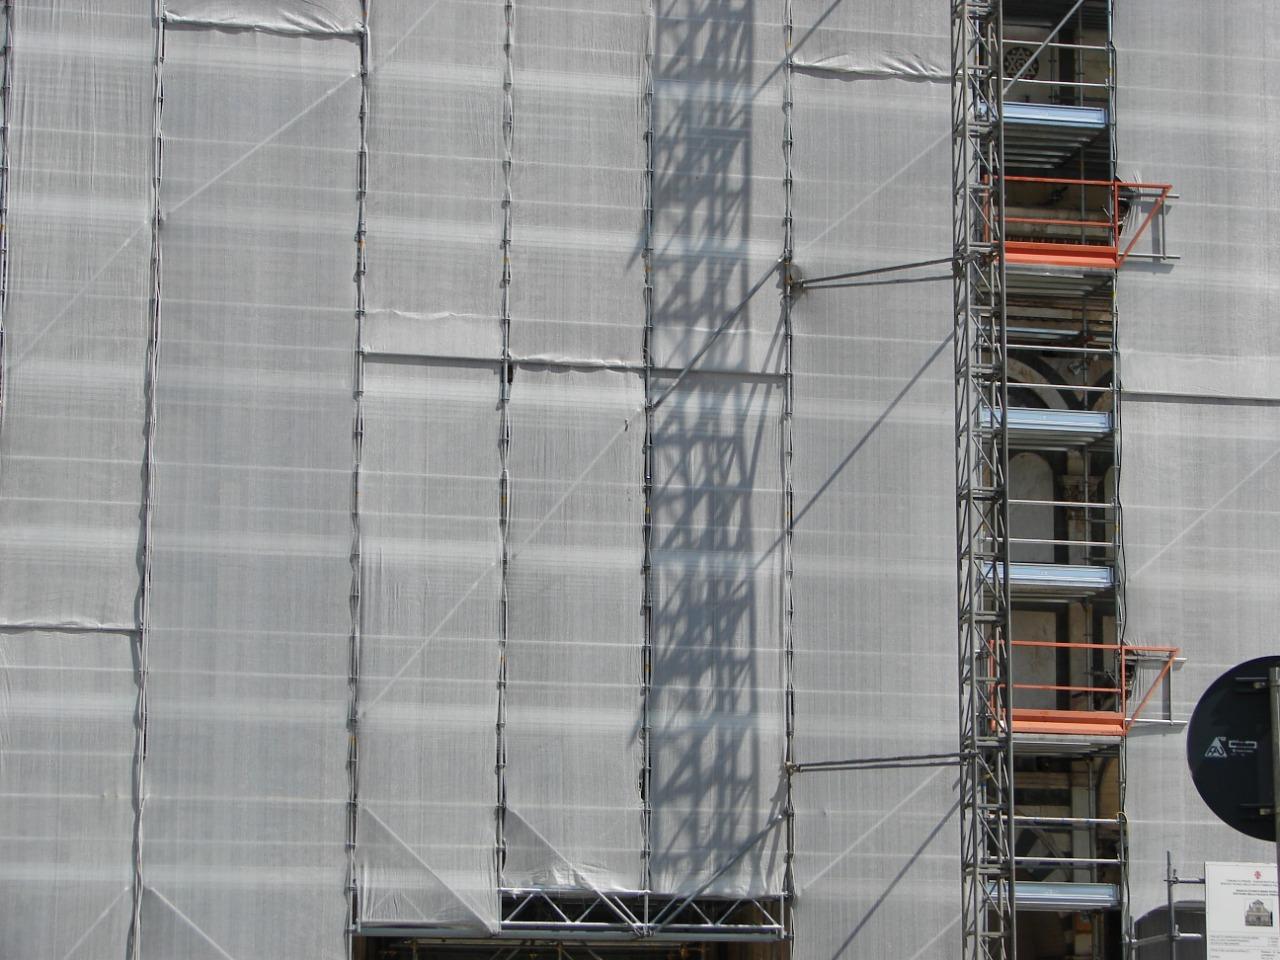 Gallery foto n.2 Multiceta - Реставрация базилики Санта-Мария-Новелла